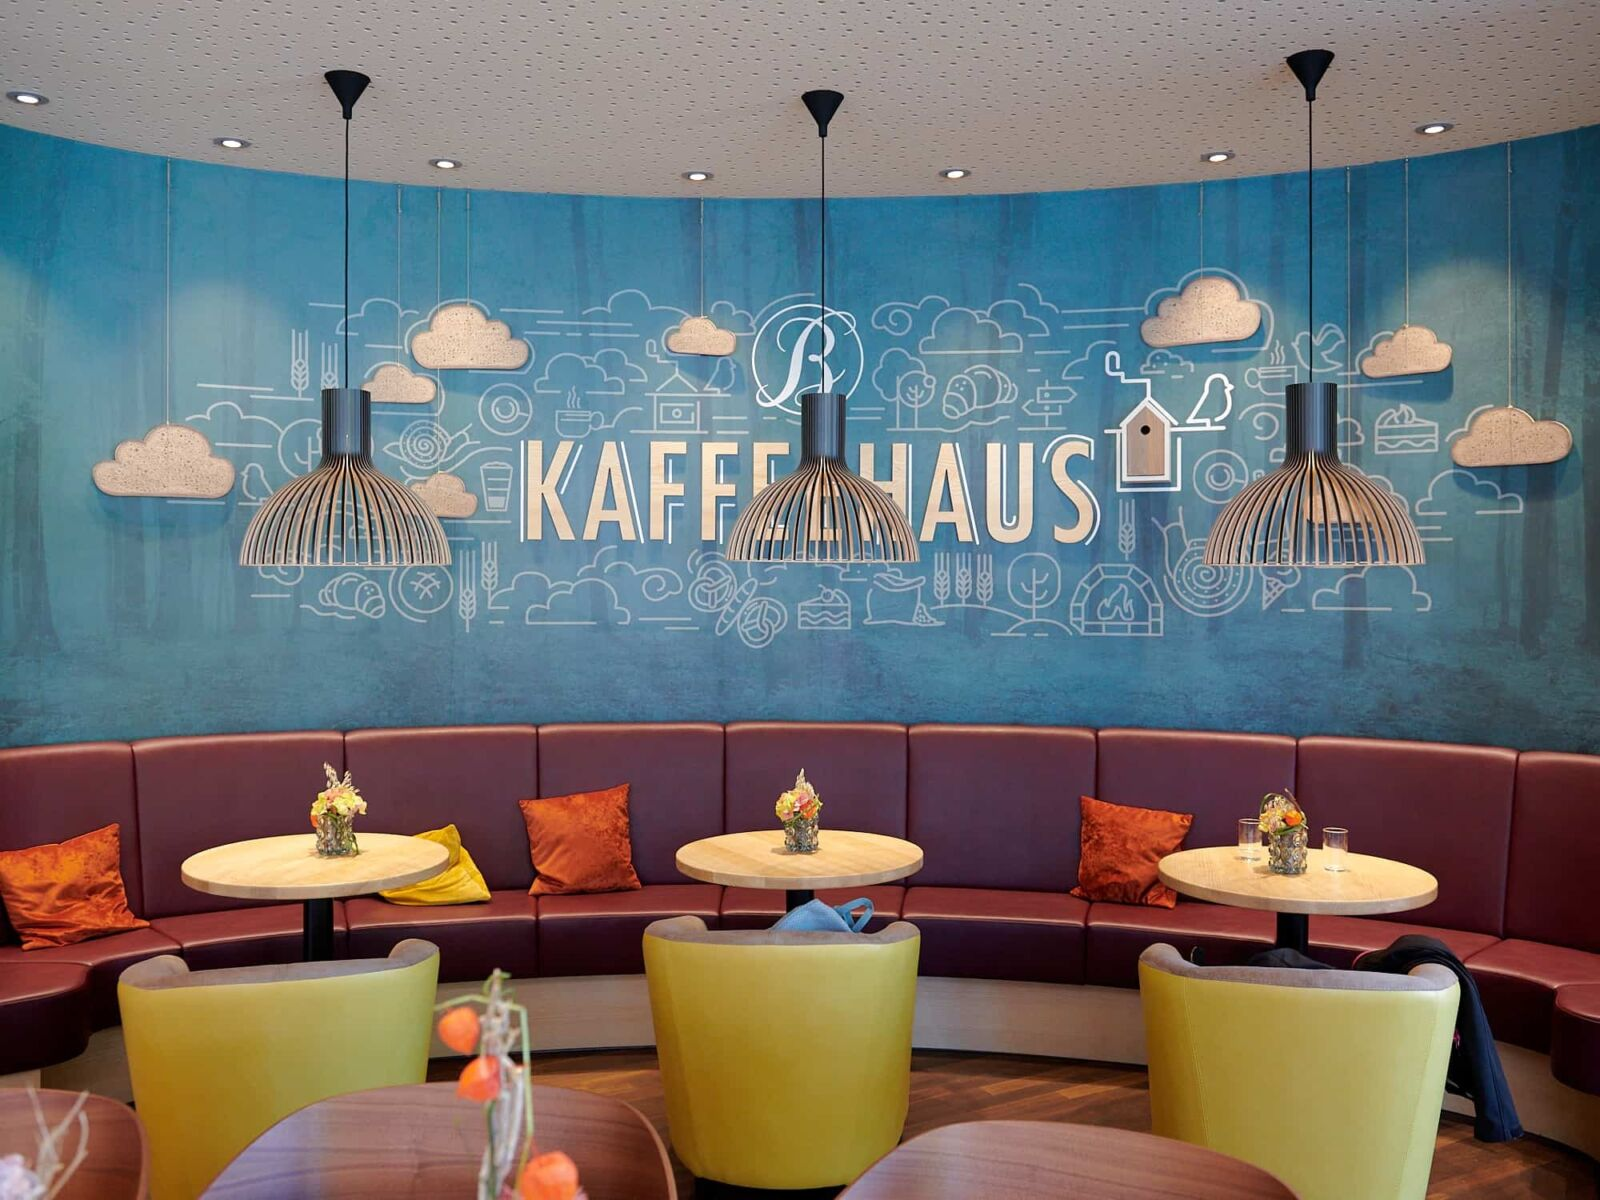 Gemütliche Sitzgruppe im Kaffeehaus